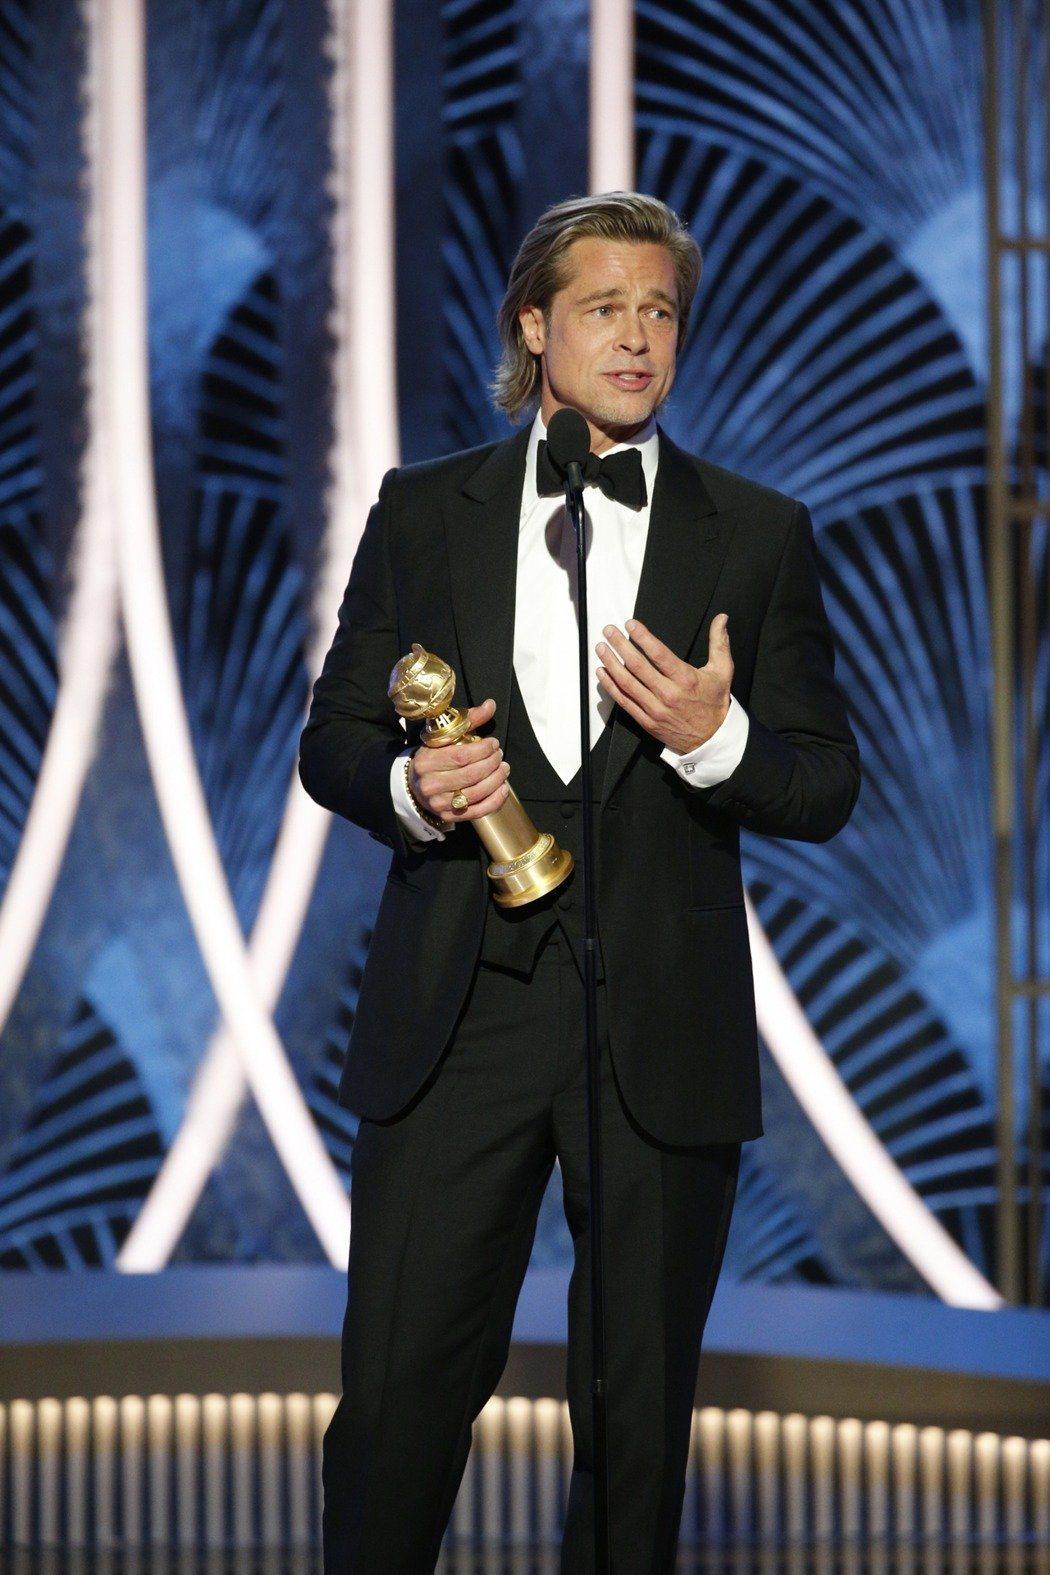 布萊德彼特以「從前,有個好萊塢」拿下第77屆金球獎最佳男配角。 圖/美聯社